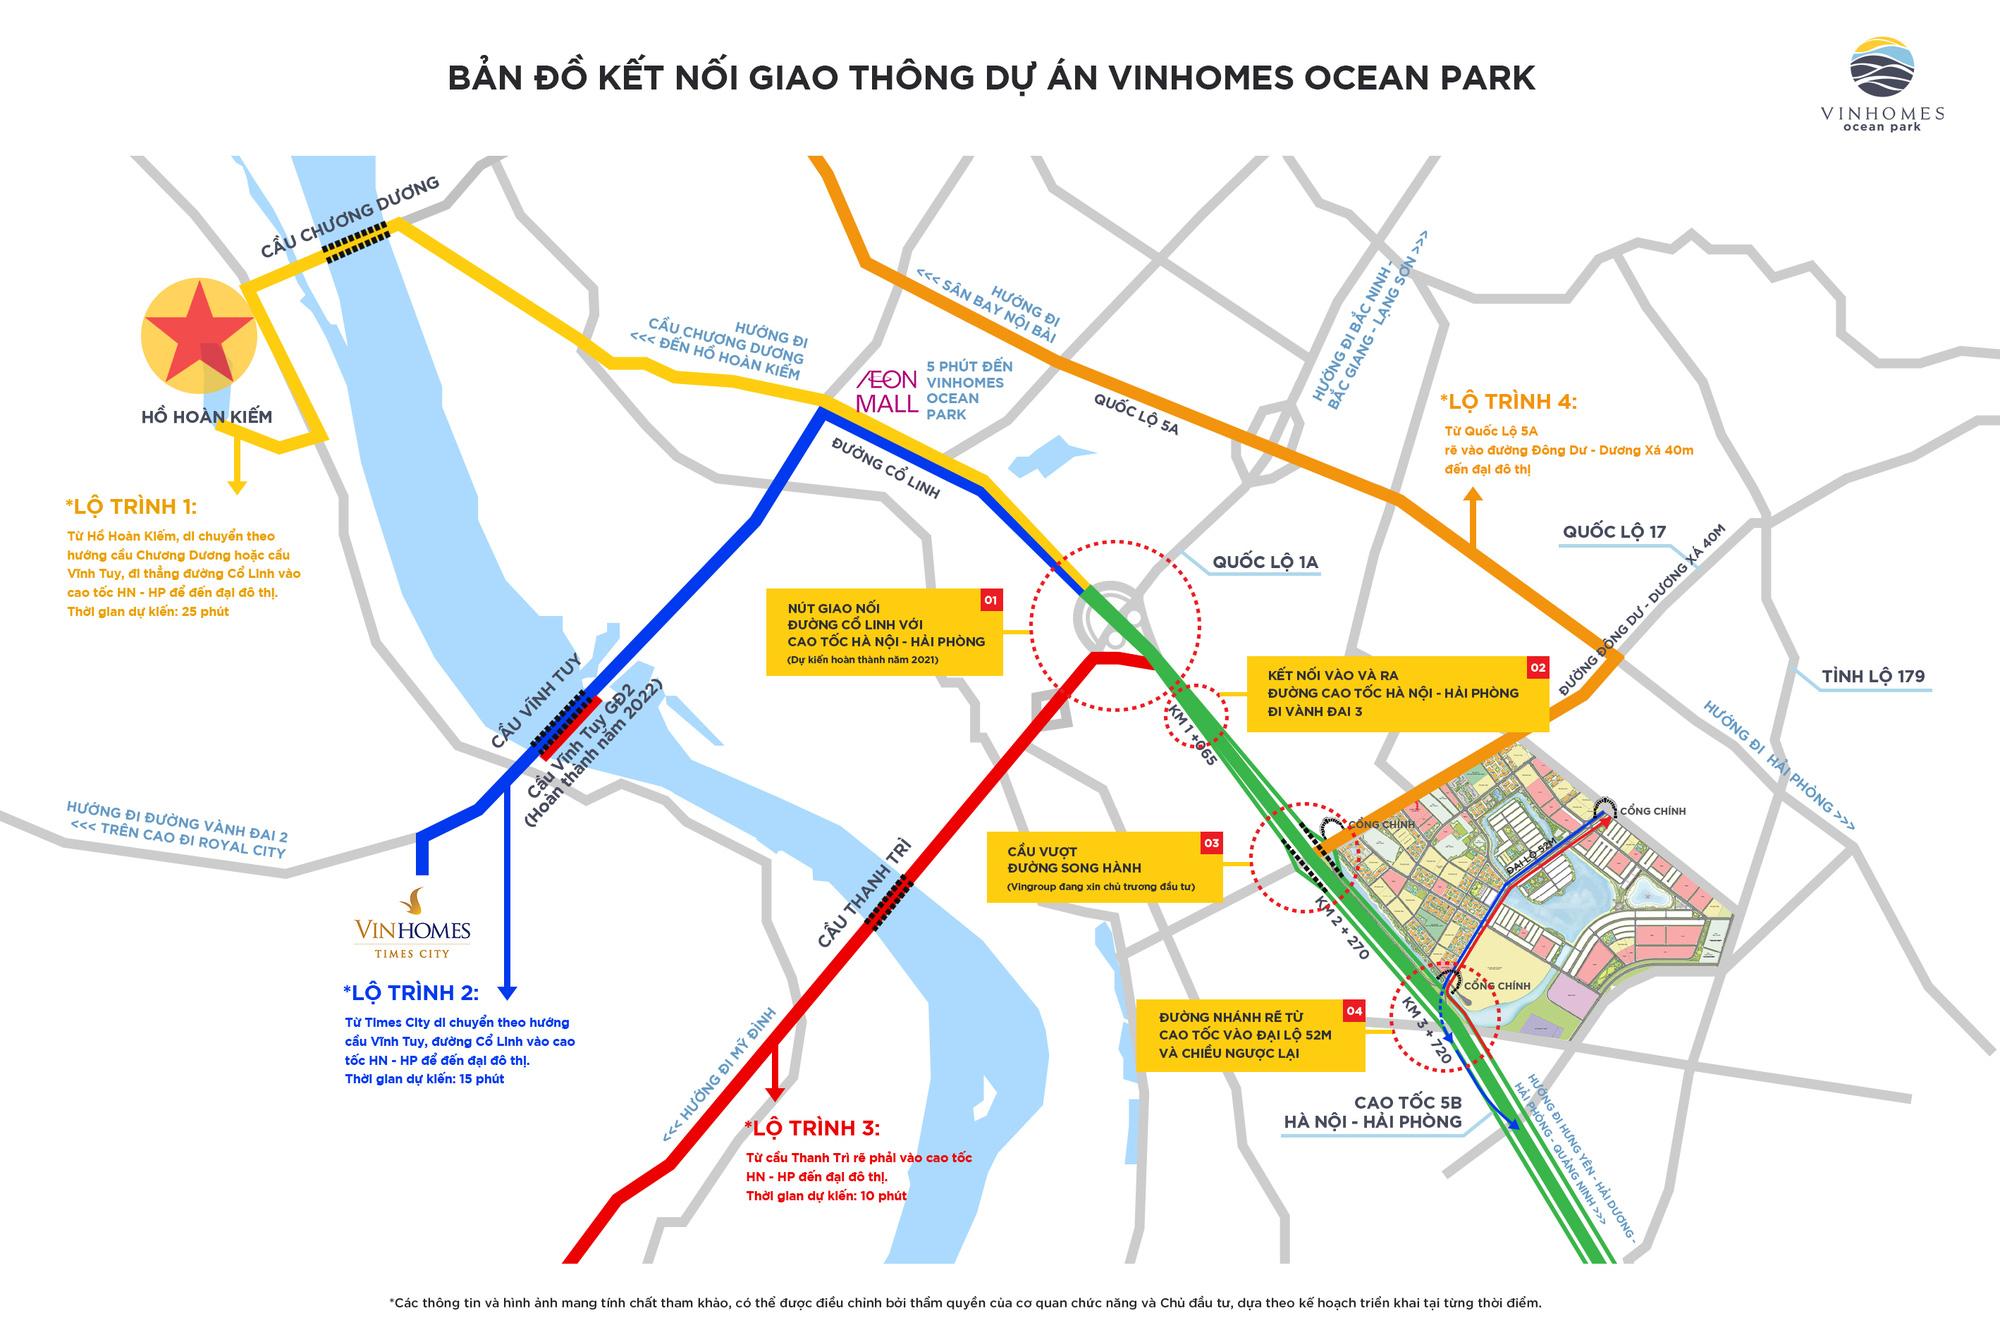 Chuẩn bị lên quận, hạ tầng giao thông huyện Gia Lâm đang thay đổi 'chóng mặt' - Ảnh 15.